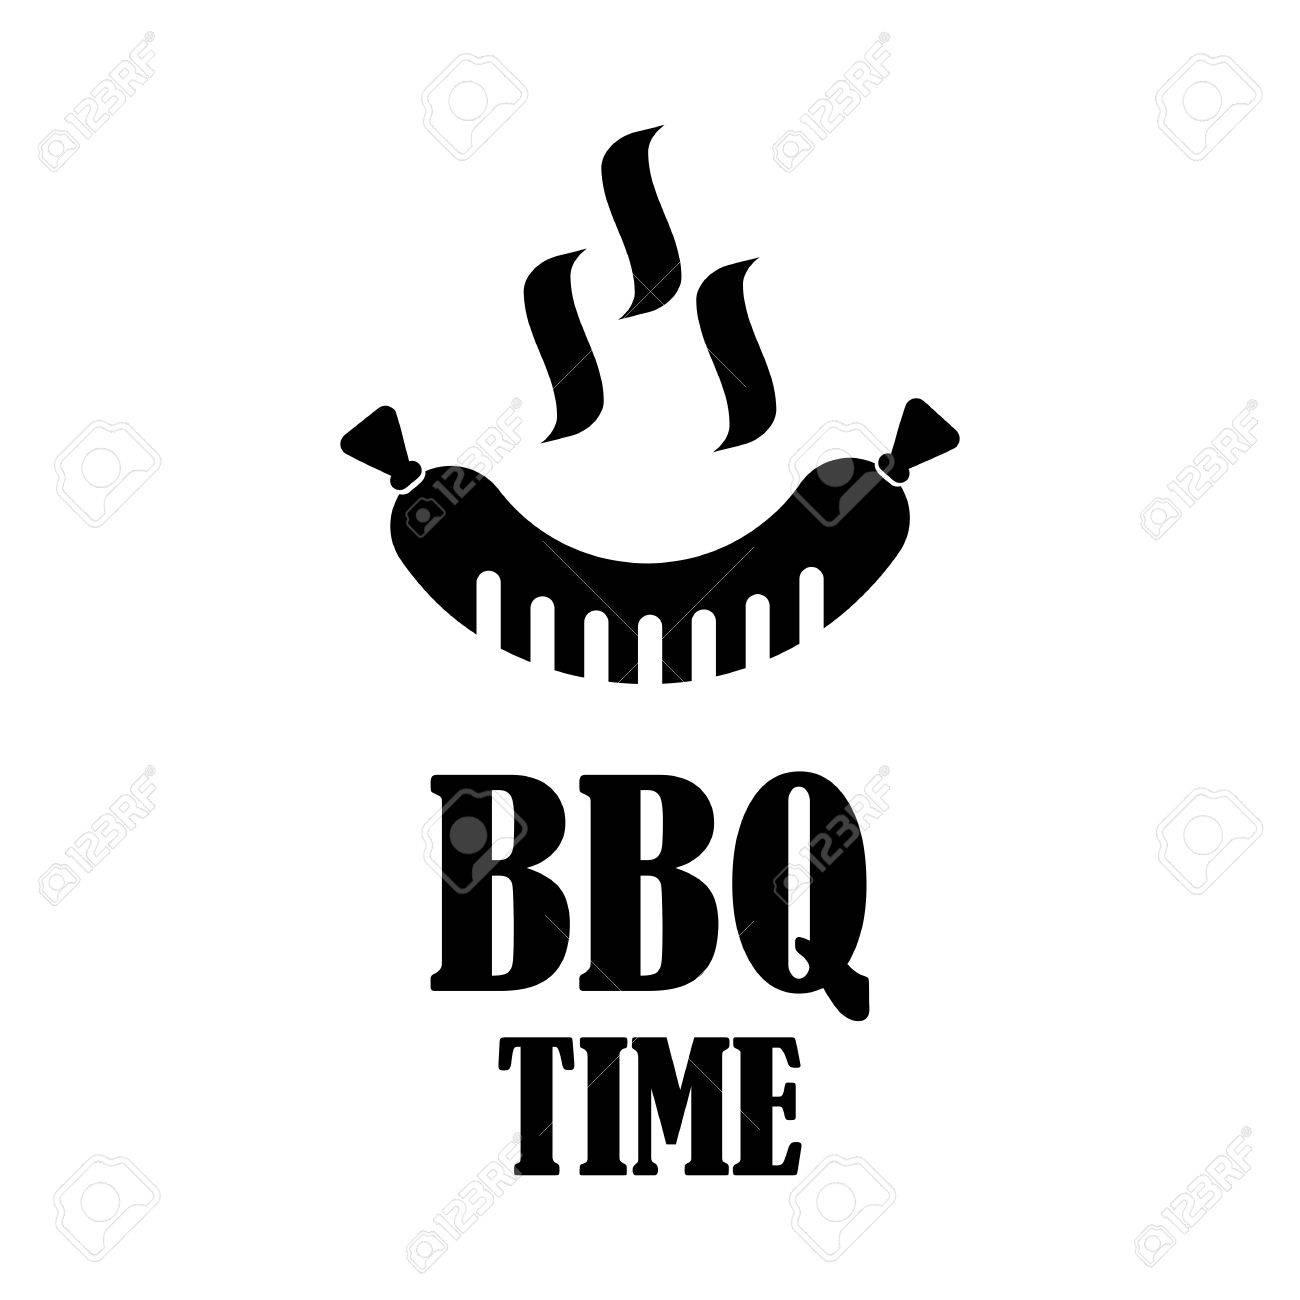 Dessin Barbecue ensemble de symboles et des étiquettes grill et barbecue noir